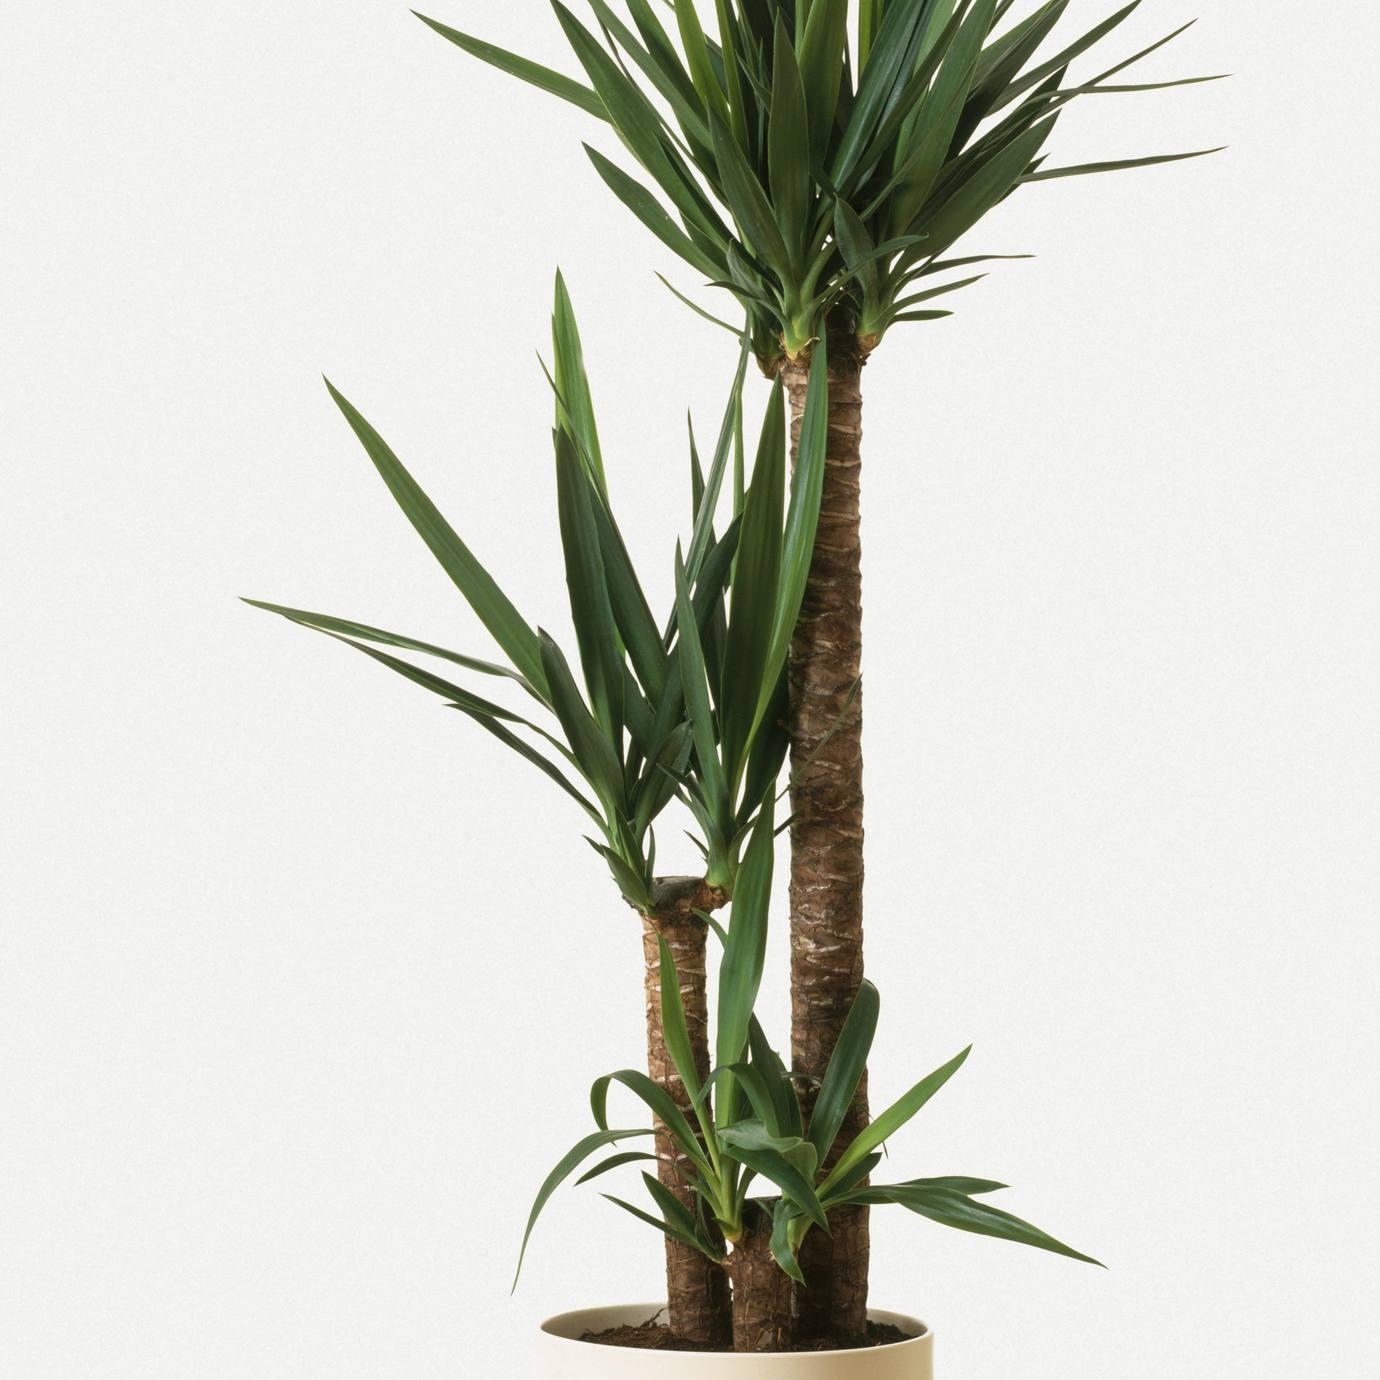 árbol de yuca sin espinas